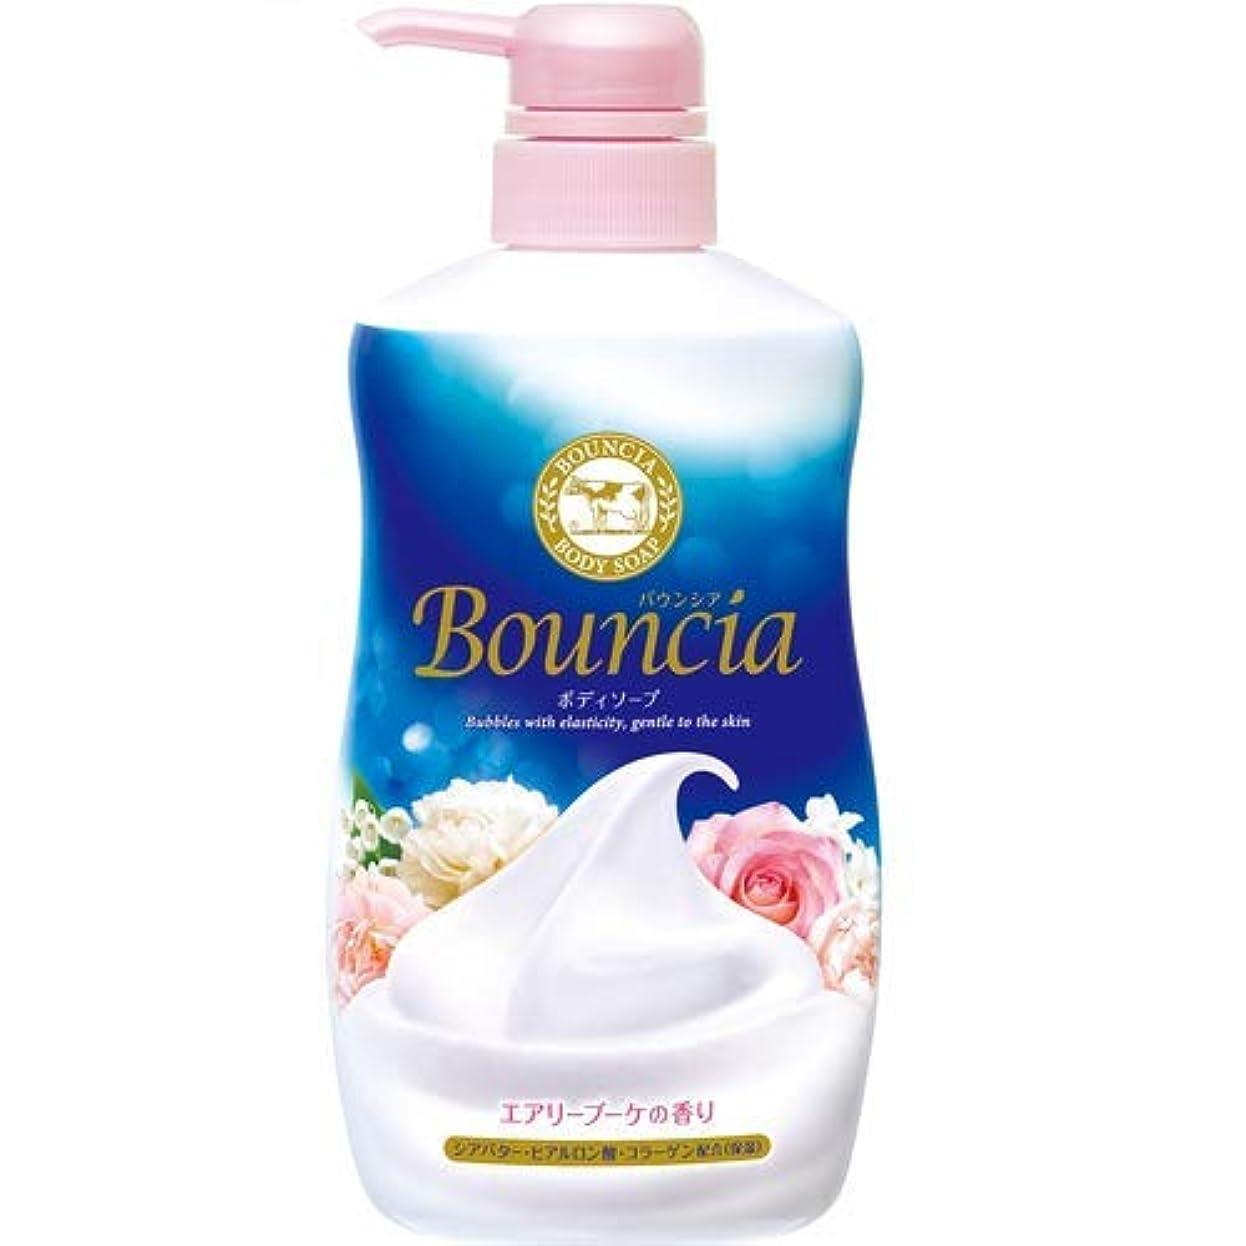 十分です友だち外観バウンシア ボディソープ エアリーブーケの香り ポンプ付 500mL